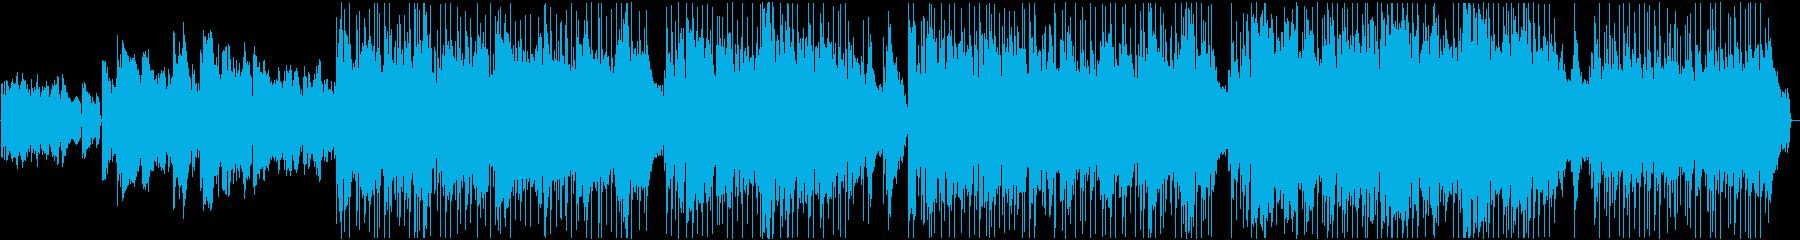 SOUPの再生済みの波形